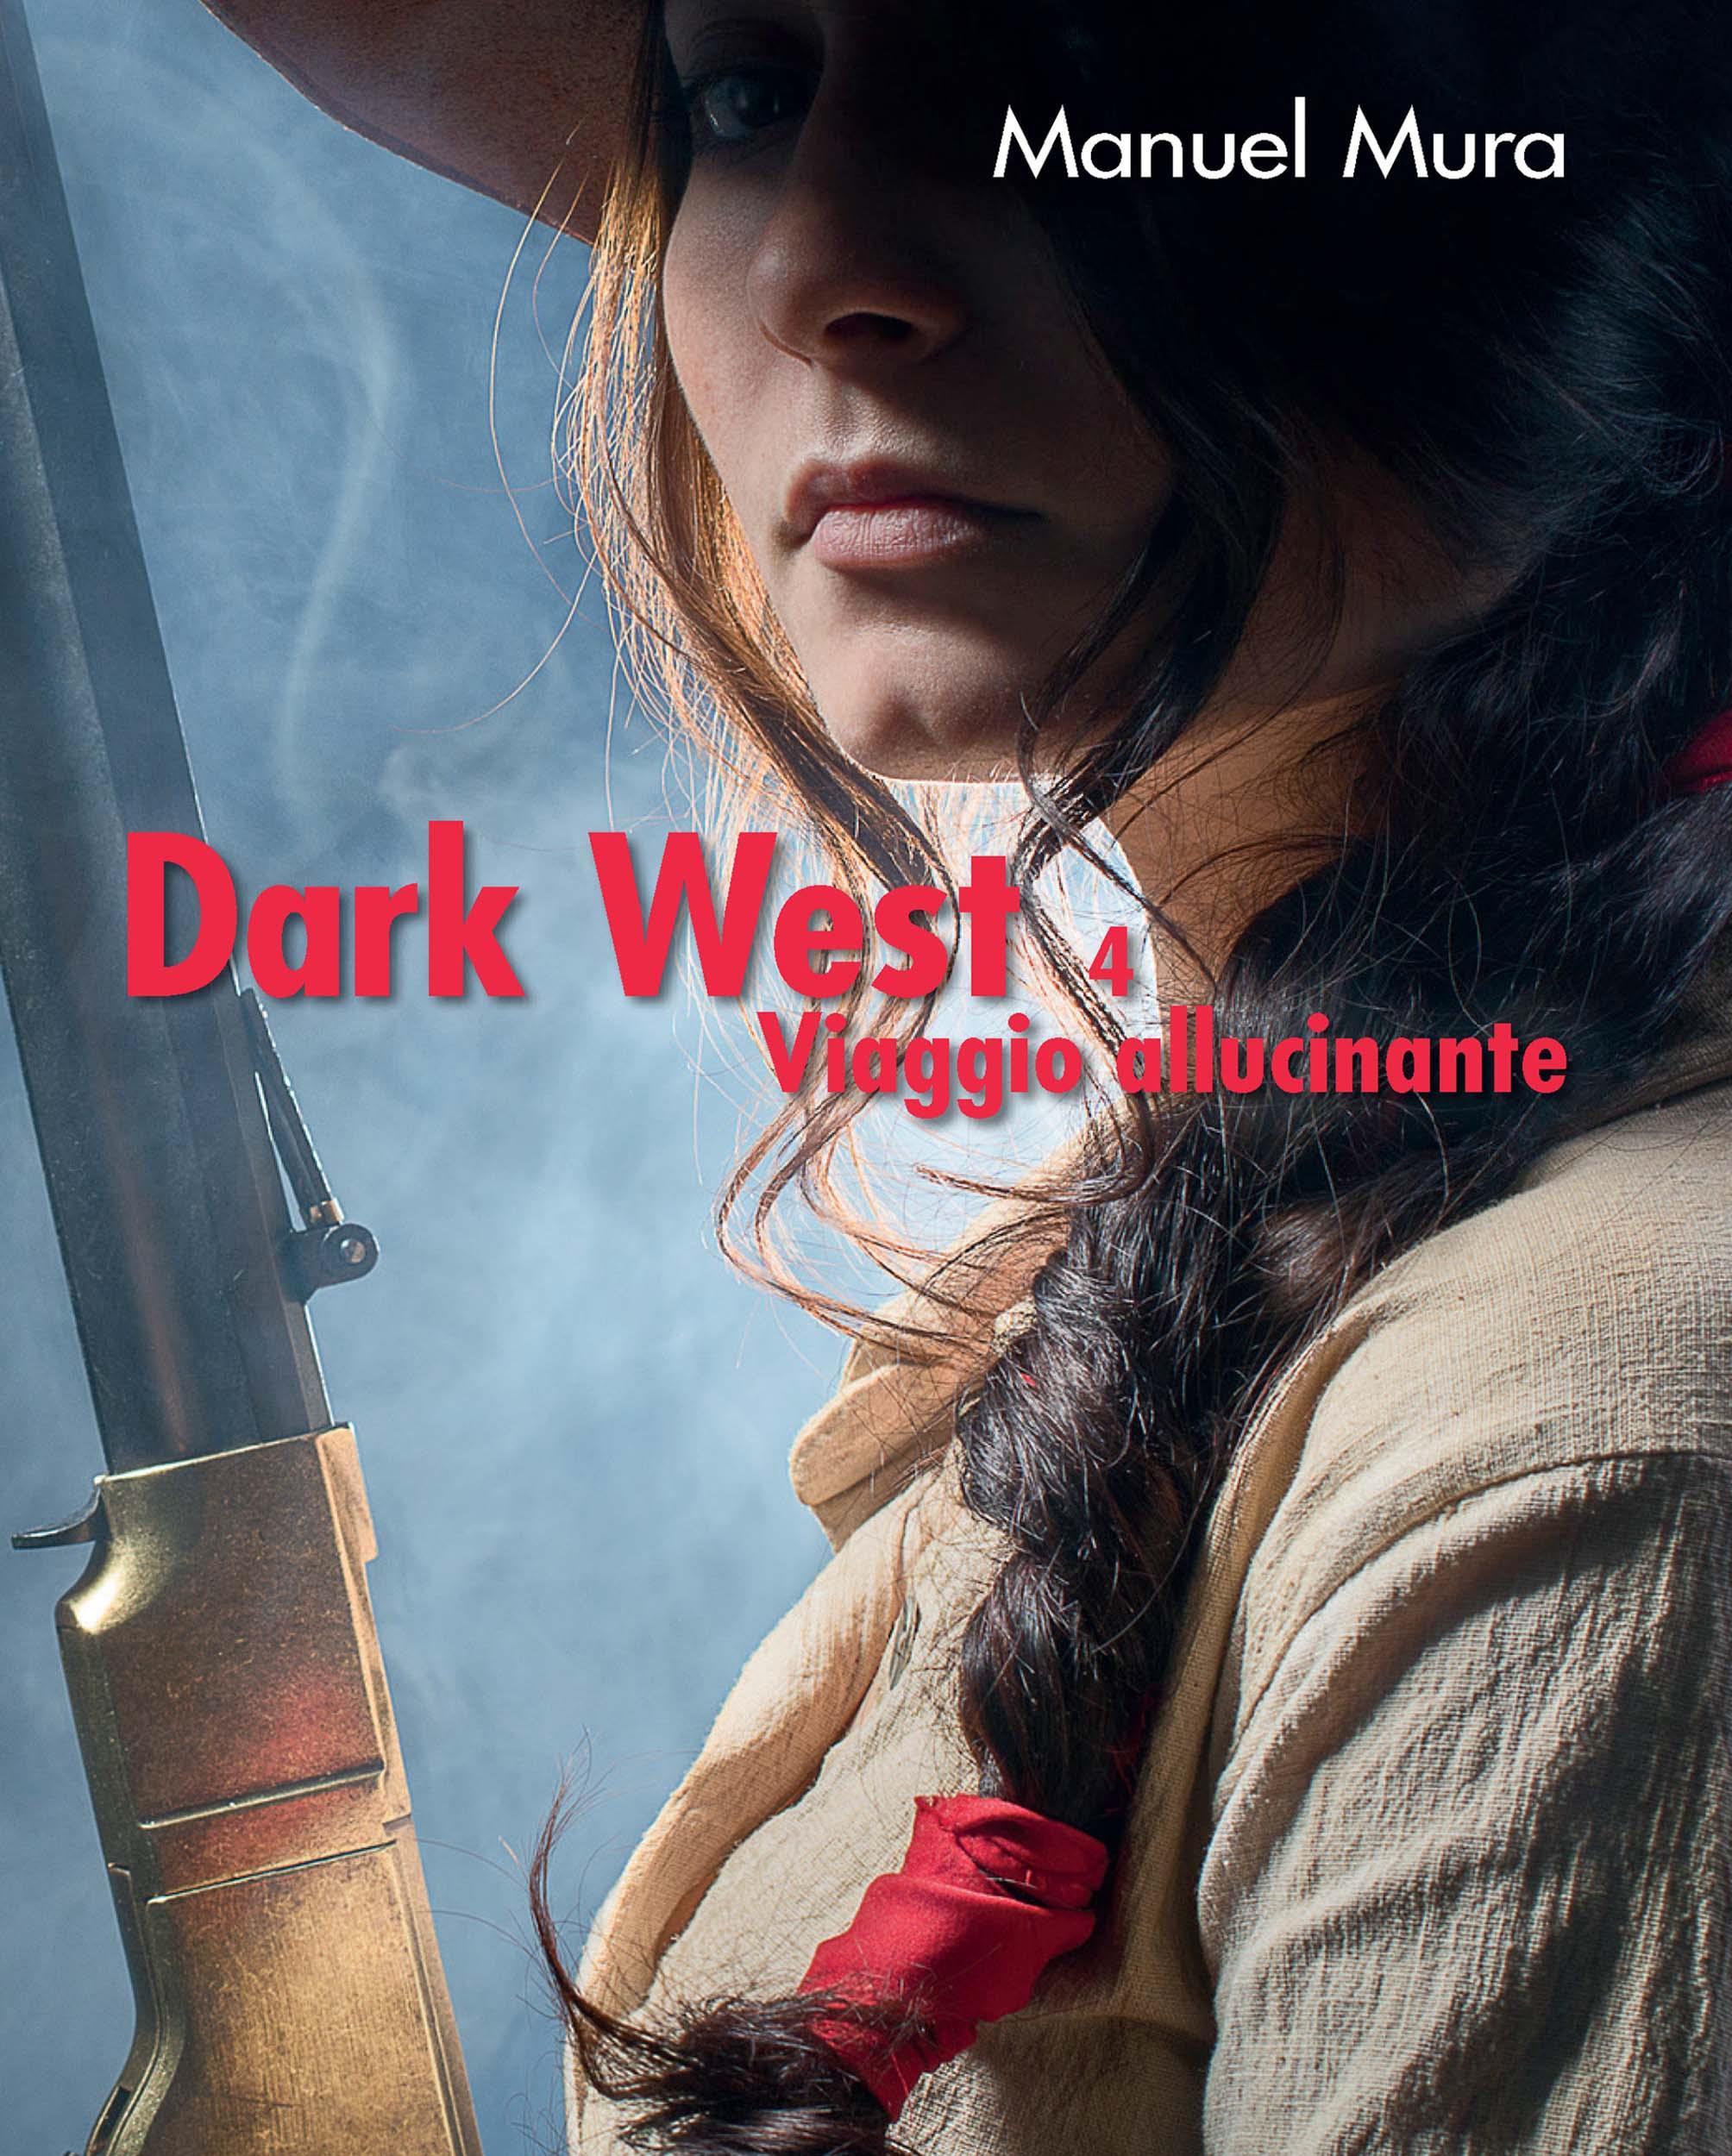 Dark West vol. 4 - Viaggio allucinante